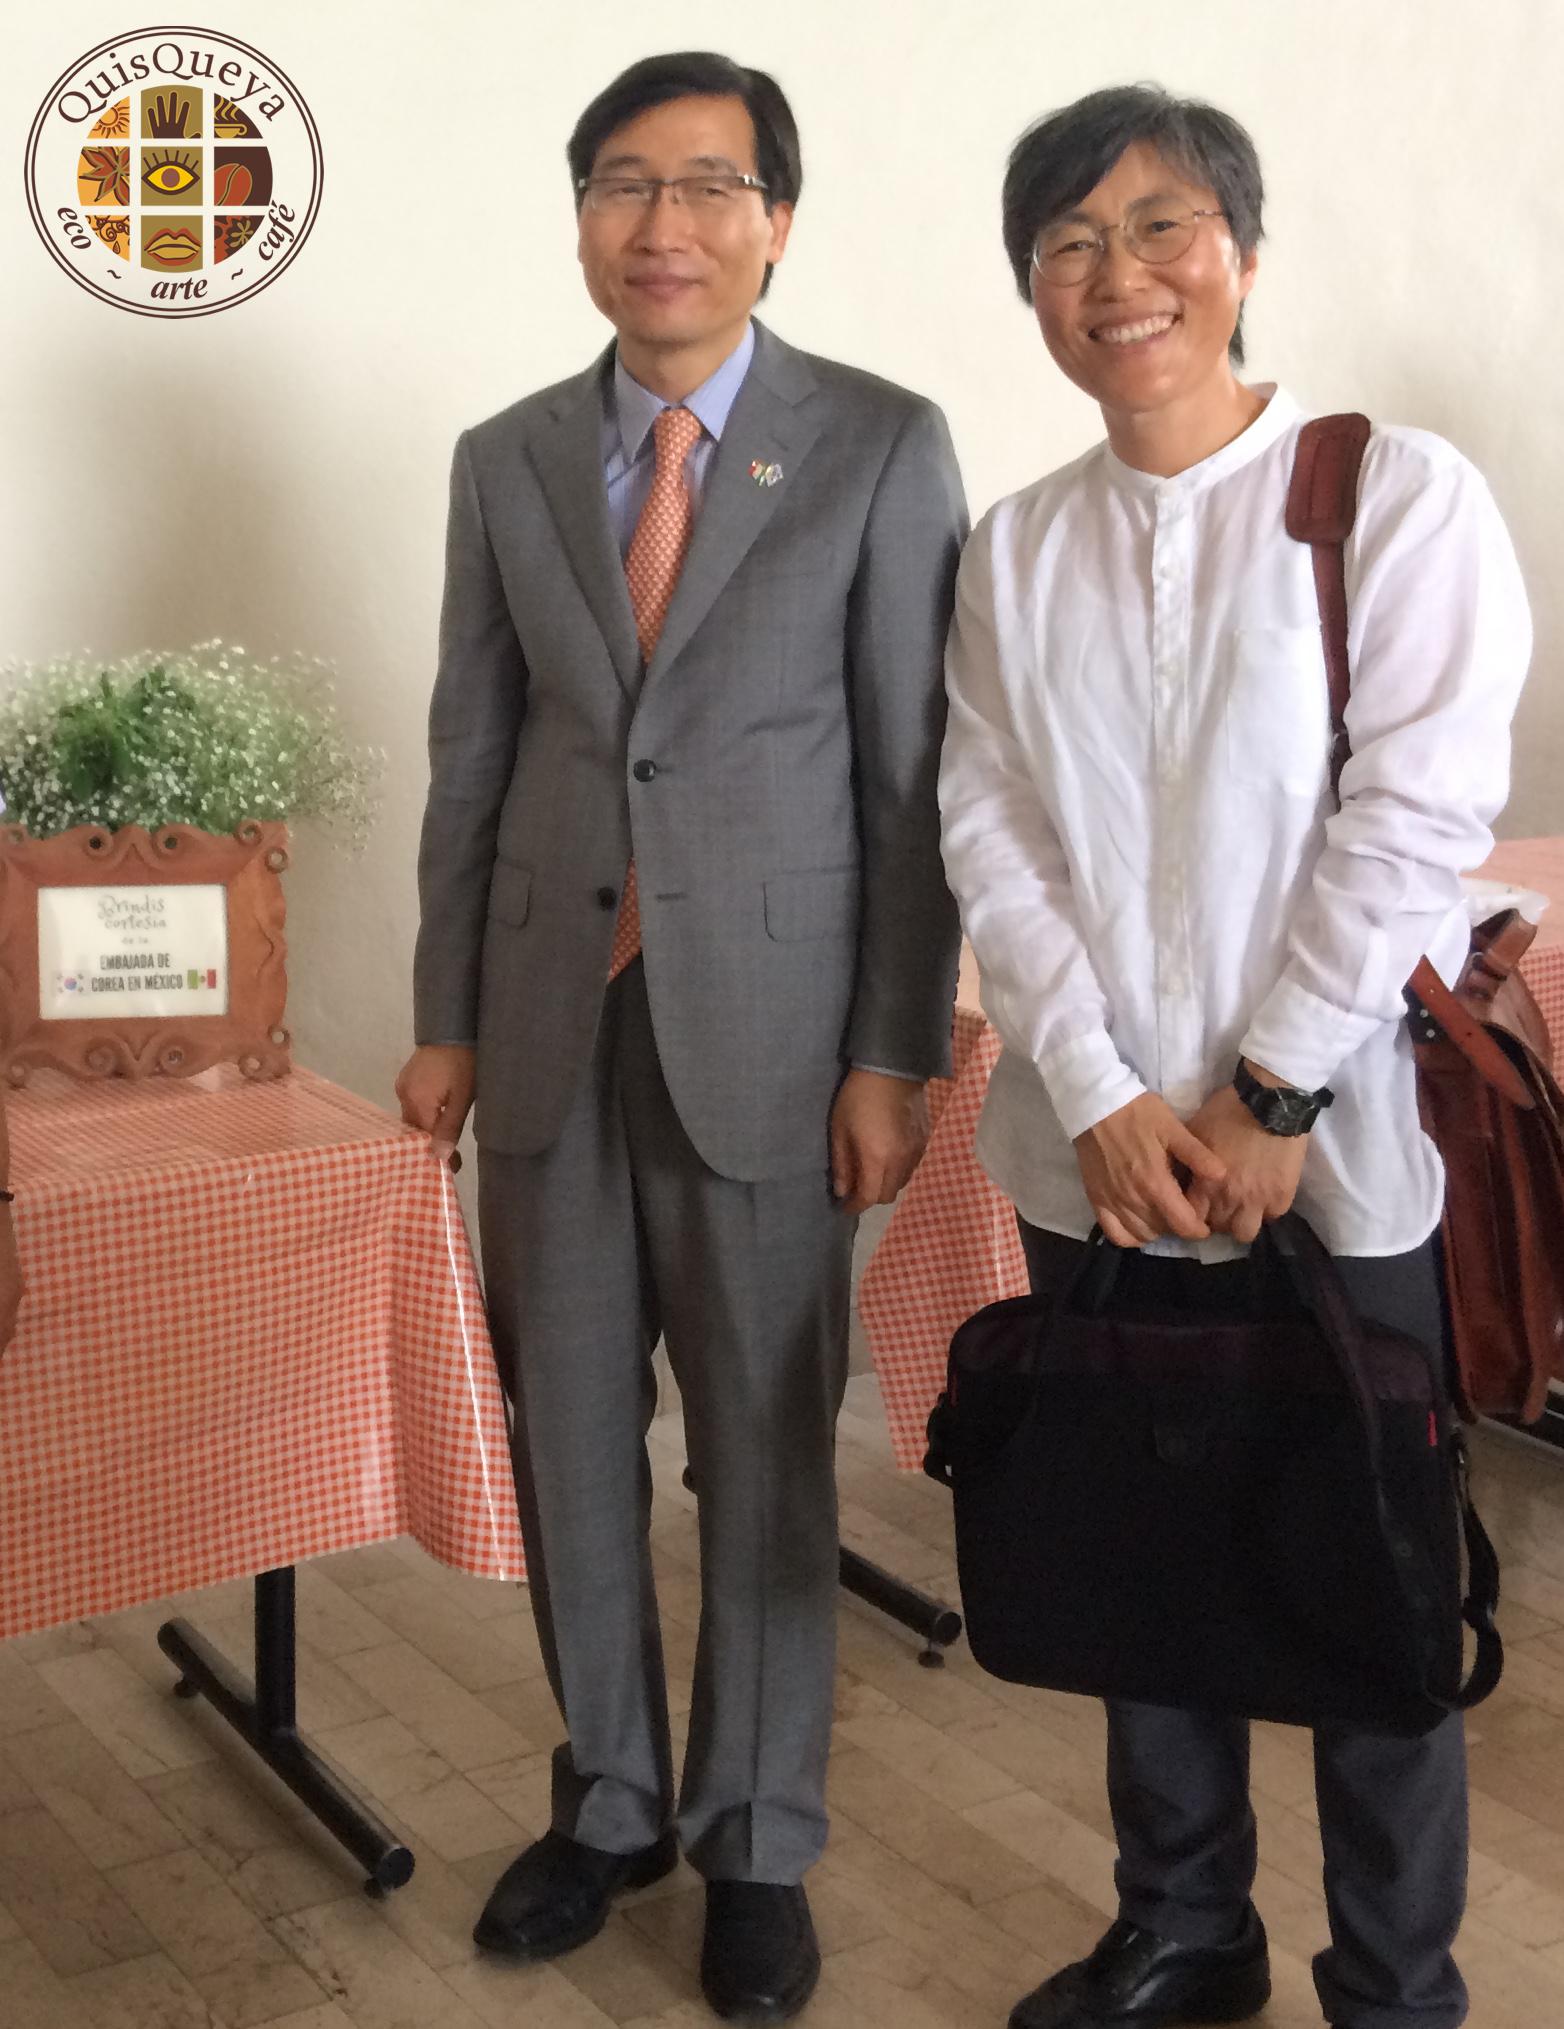 Brindis cortesía /Embajada de Corea